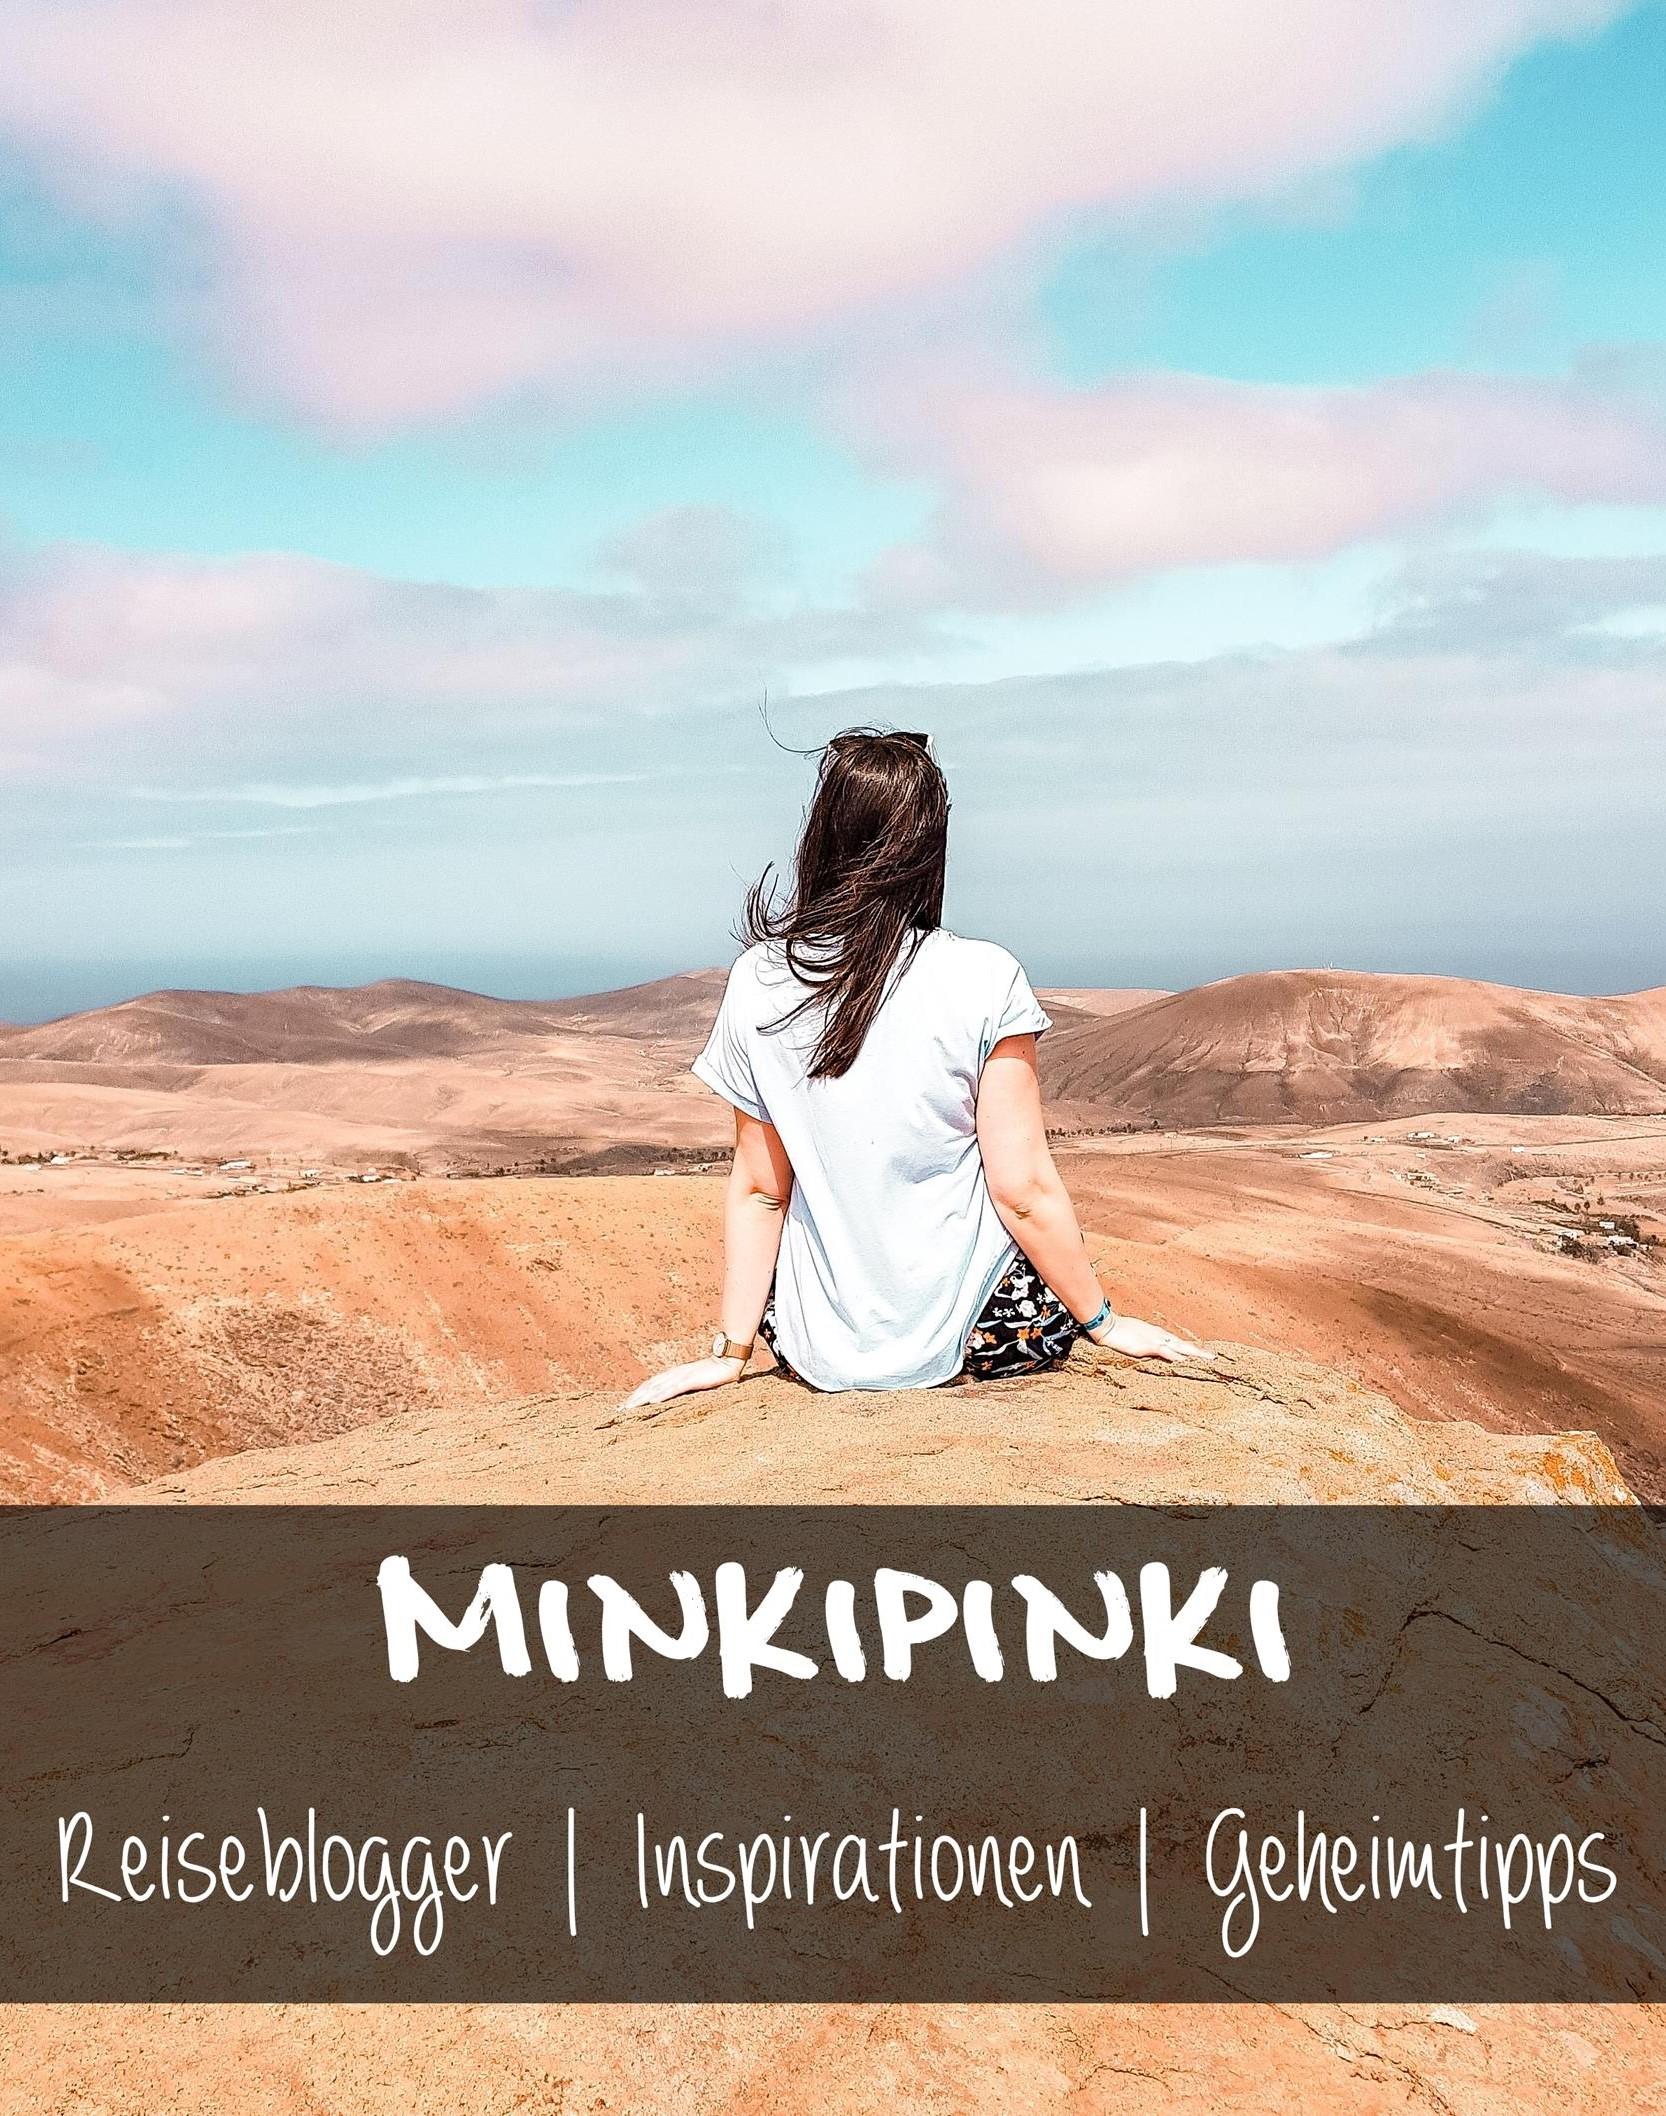 minkipinki reiseblogger